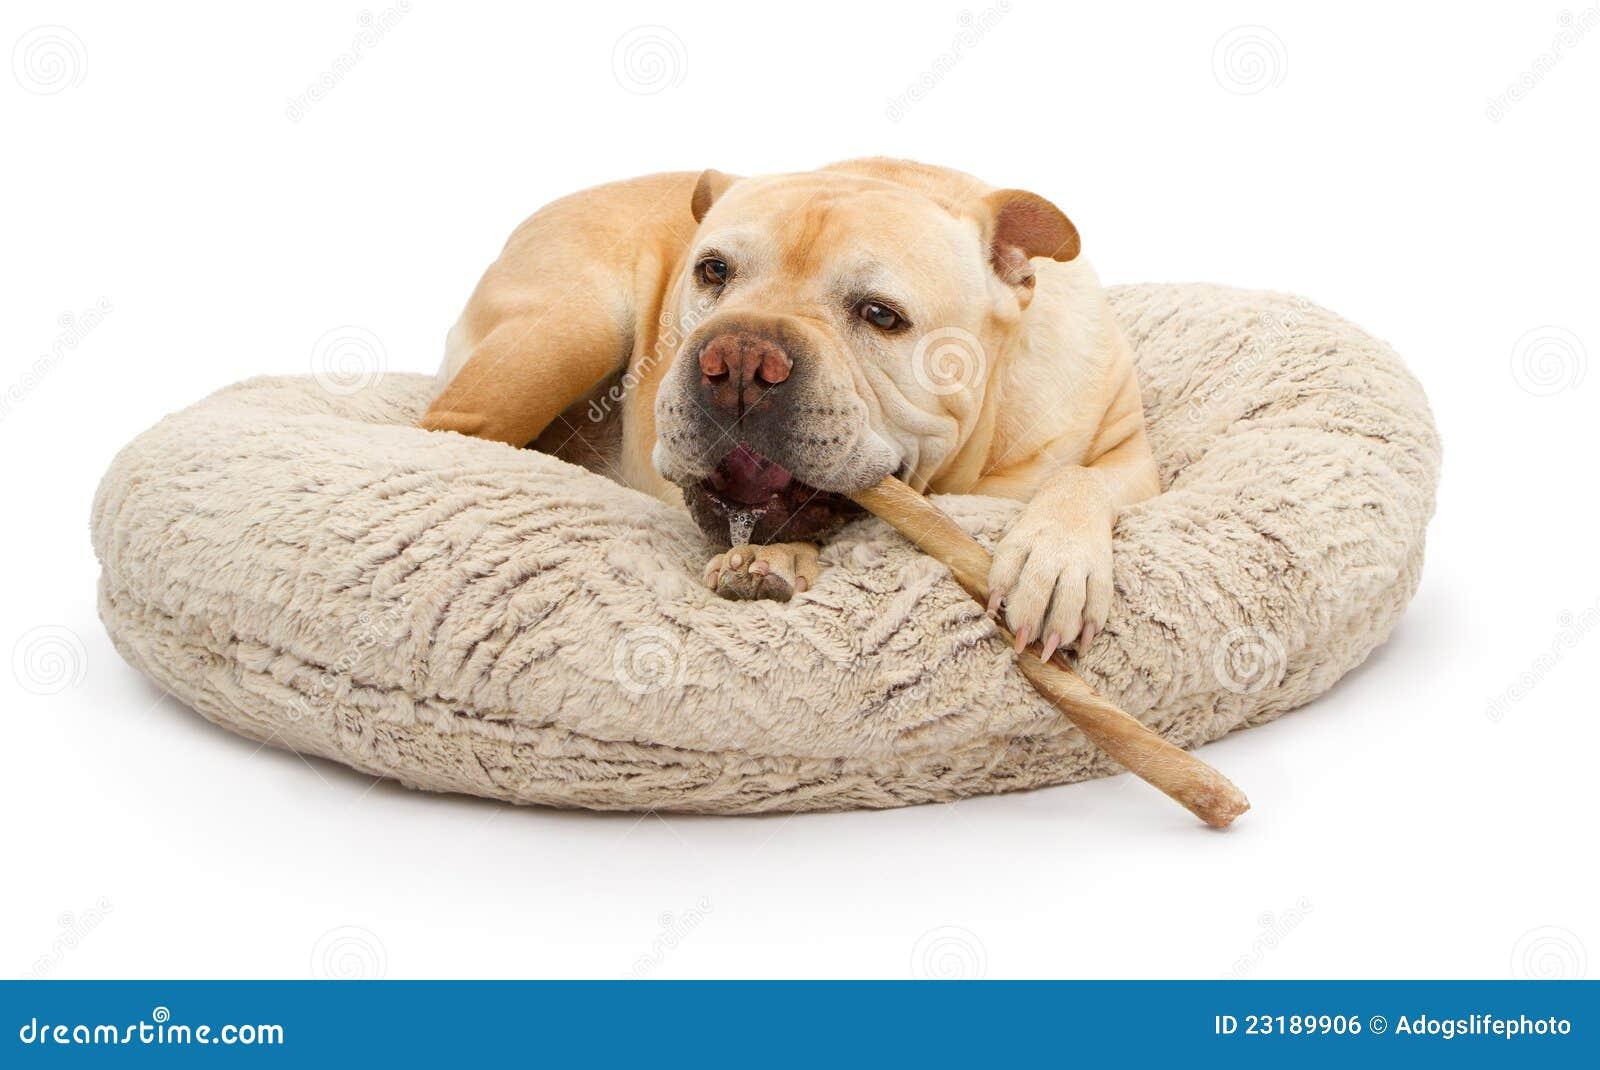 English Bulldog Mixed Breed Dog With Bully Stick Royalty